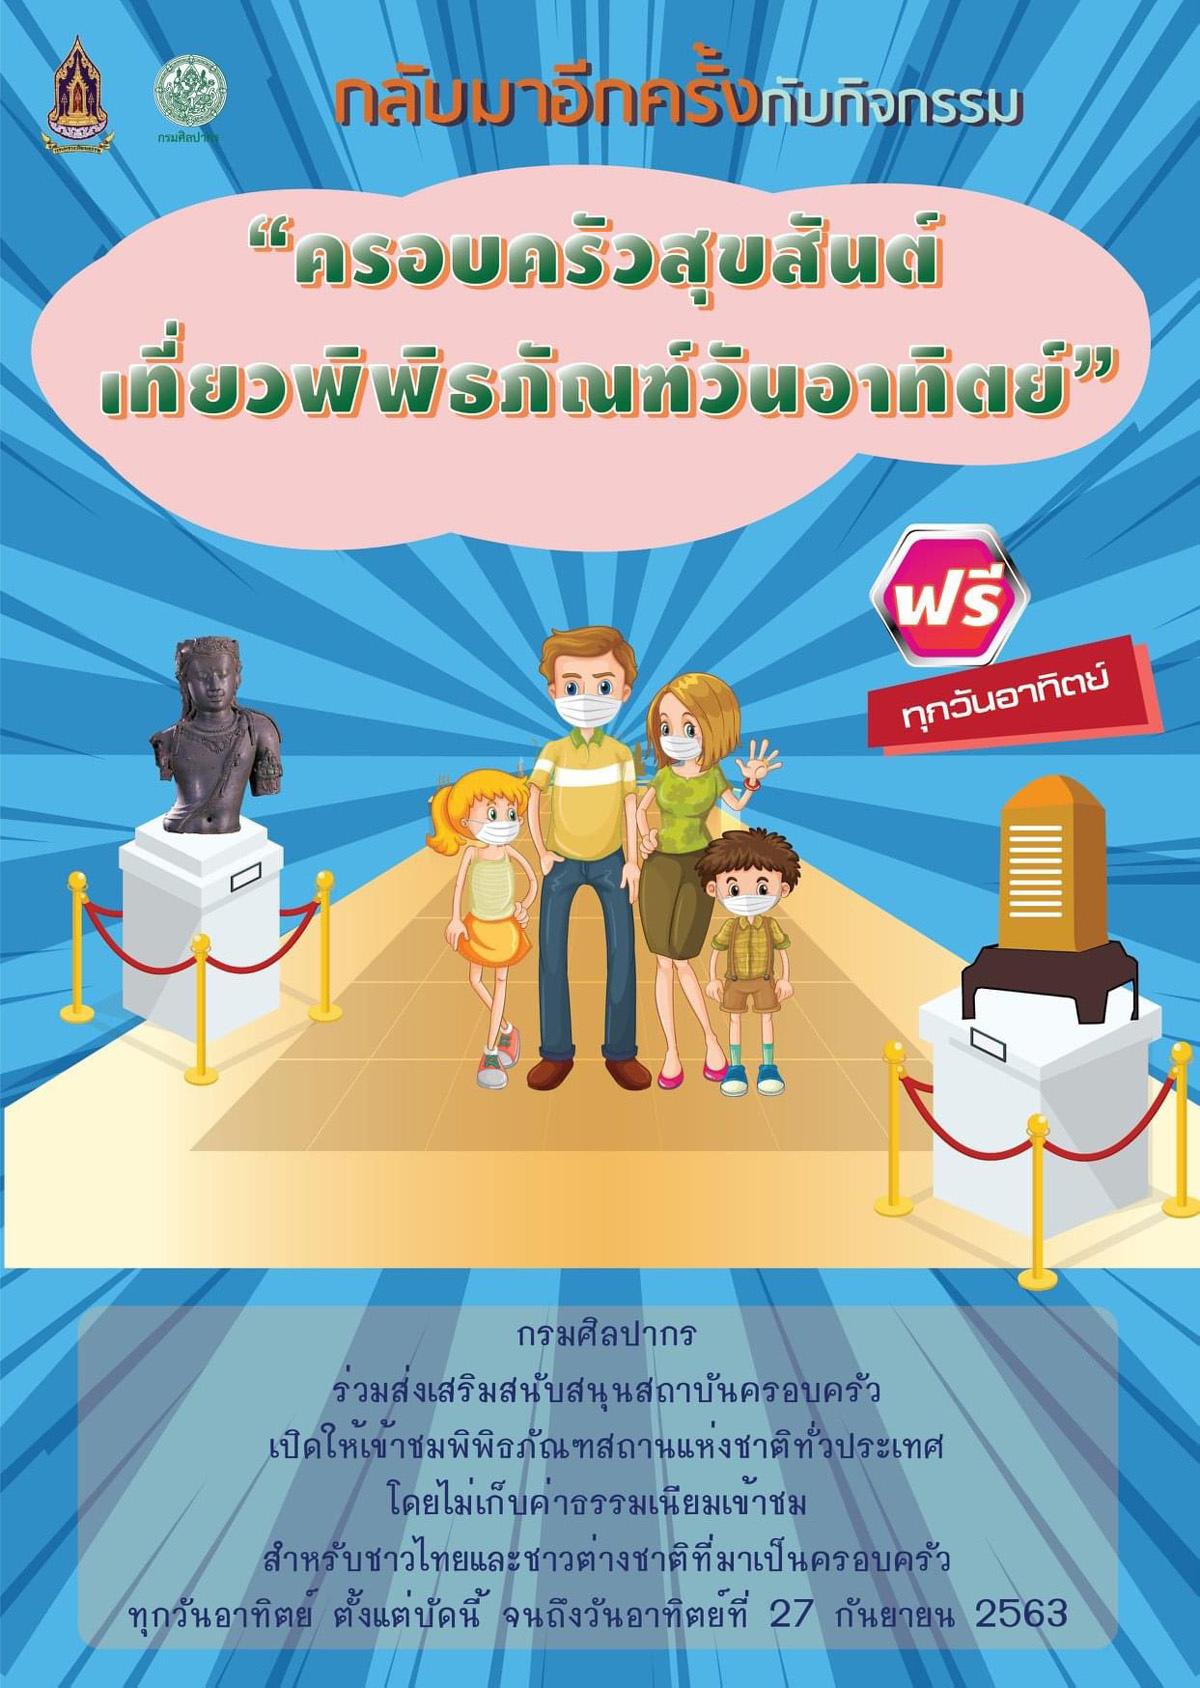 泰國國立博物館免費參觀 - 複製.jpg